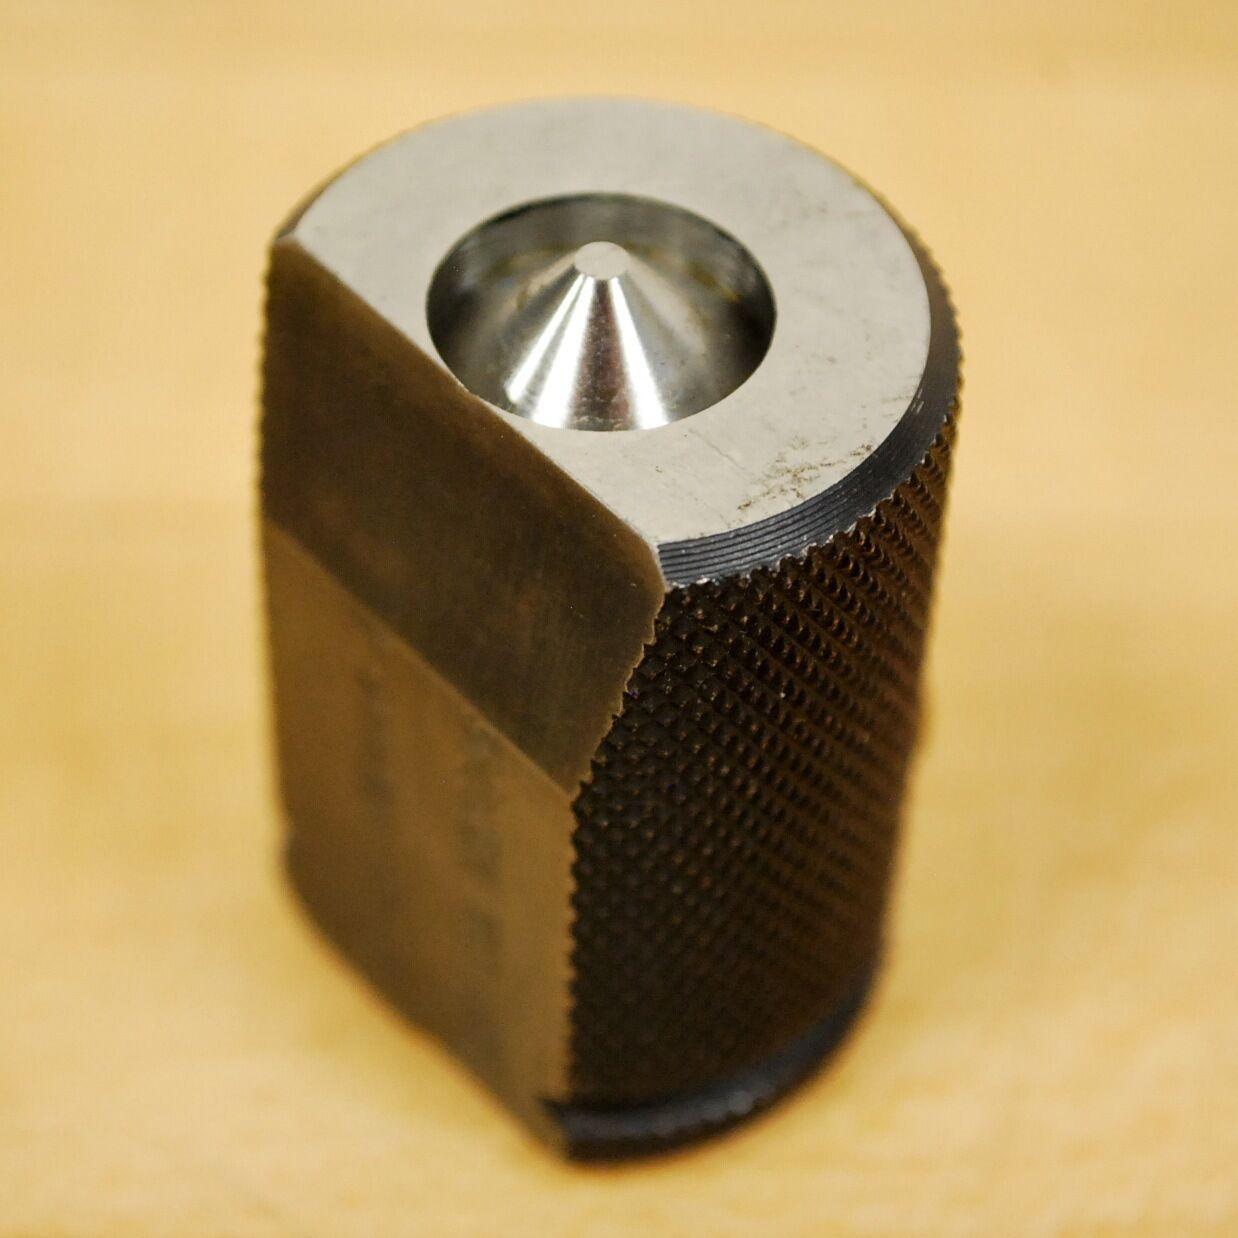 Precision Gage & Tool Tool Tool SL-G-08214-1 ajustes de precisión calibre-Usado 33eac3